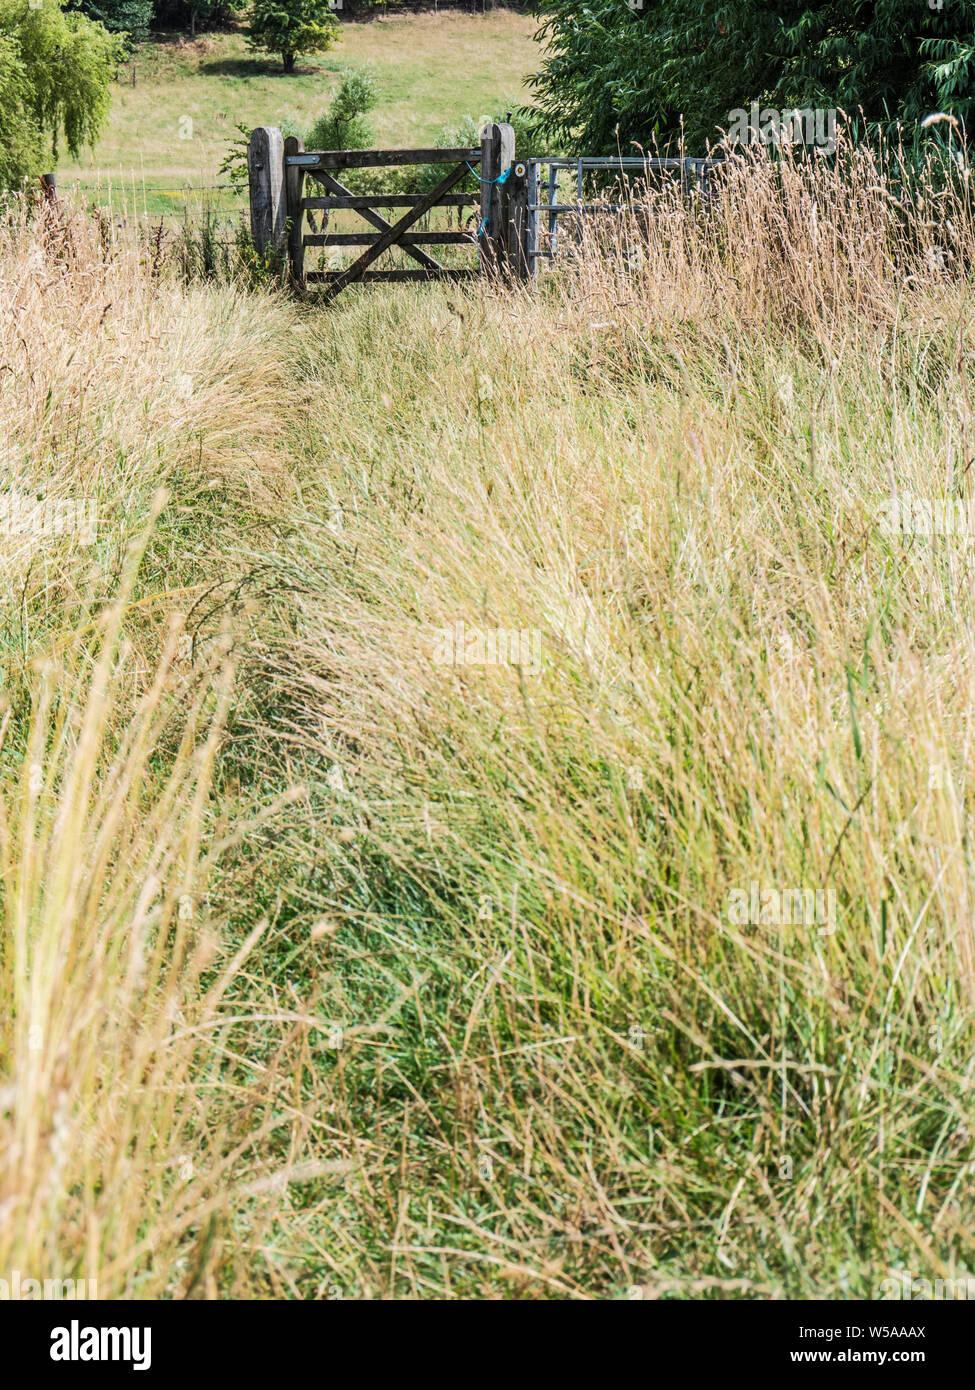 Eine grasbedeckte führender Pfad zu einem hölzernen Tor im Sommer in den Cotswolds. Stockfoto